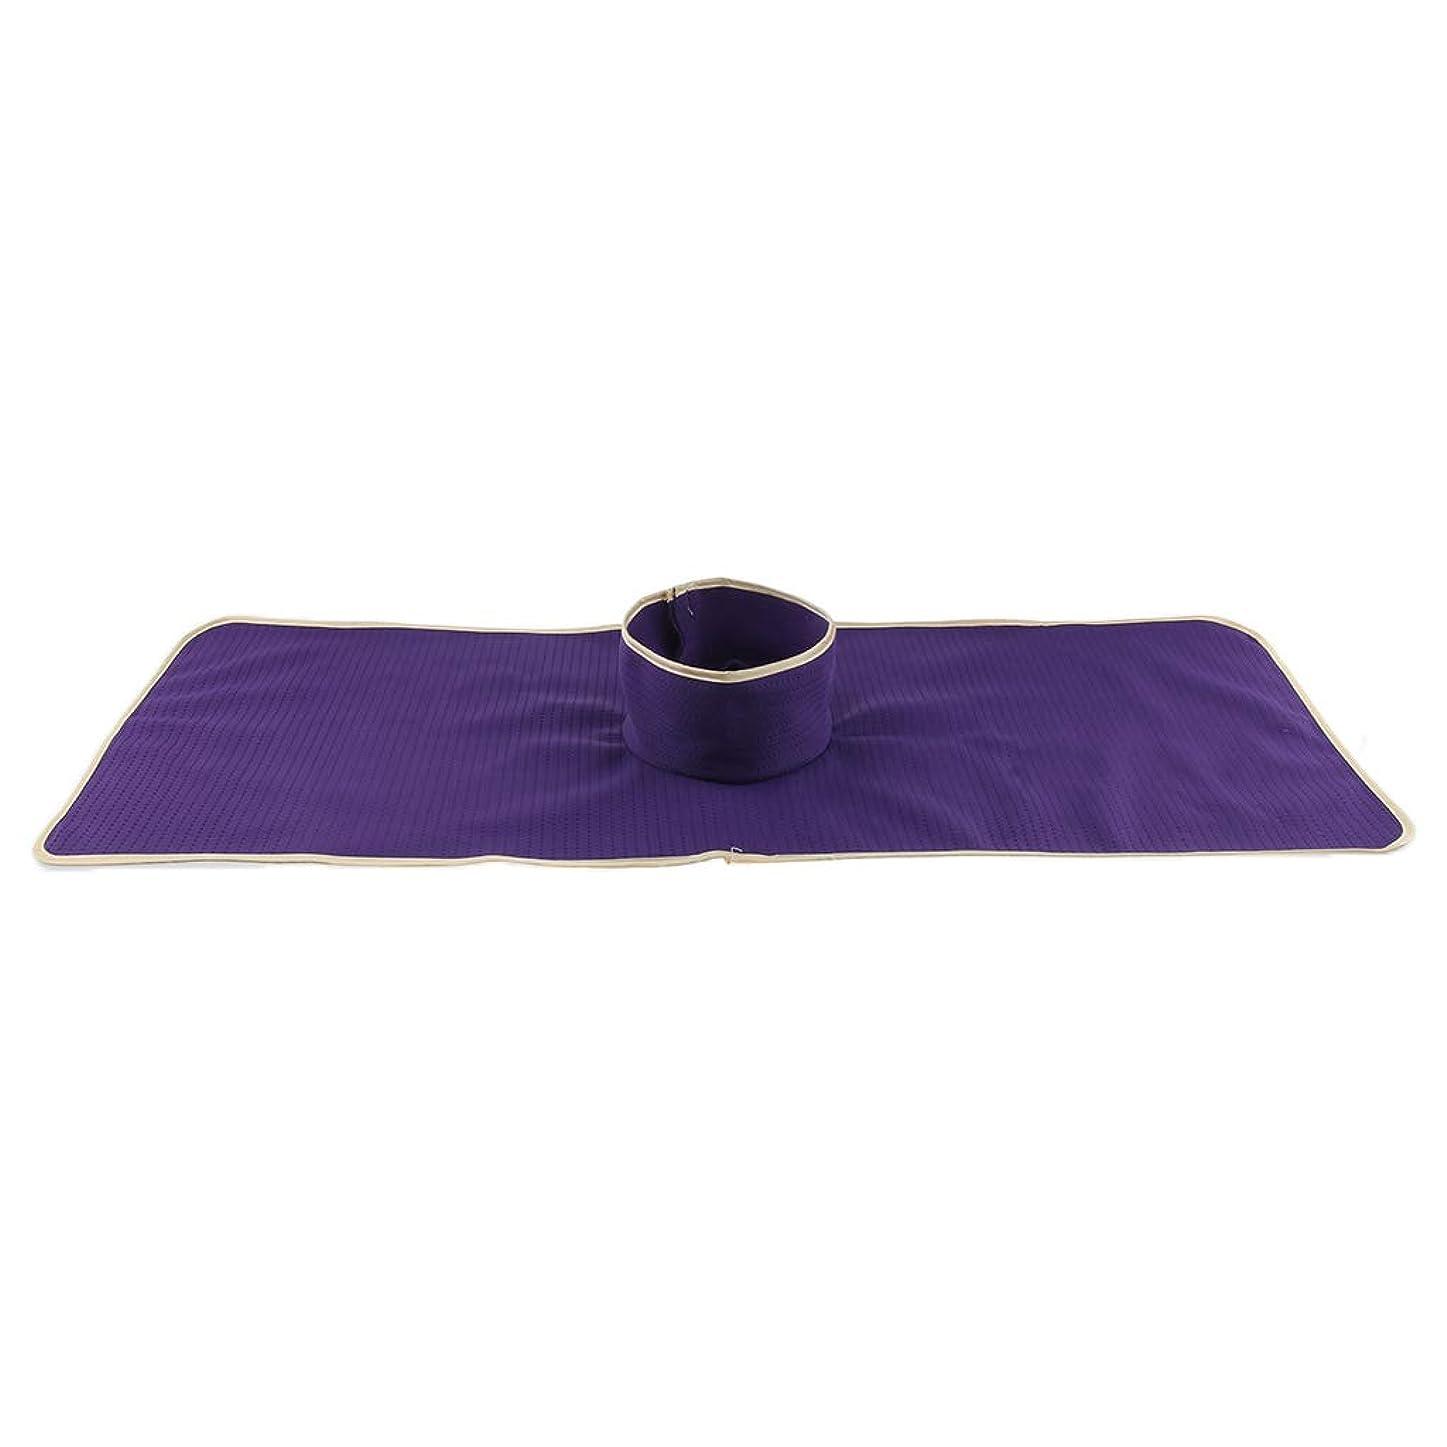 暴露する毎回押すPerfeclan サロン 美容院 マッサージのベッド パッド 穴付き 洗える 約90×35cm 全3色 - 紫